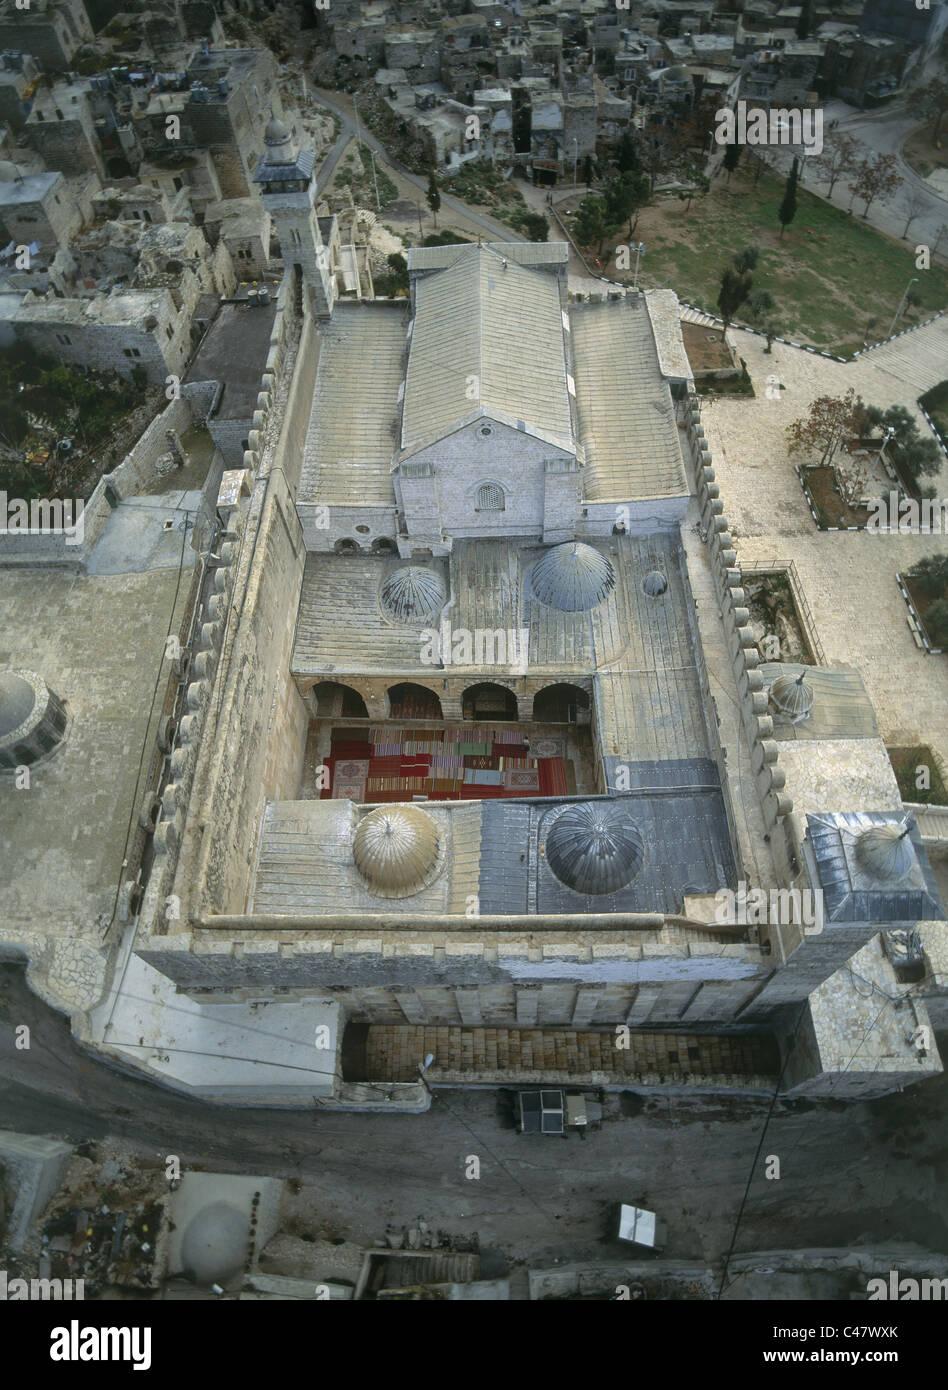 Luftaufnahme des Haram el Kahalil zusammengesetzte innerhalb der modernen Stadt Hevron Stockbild